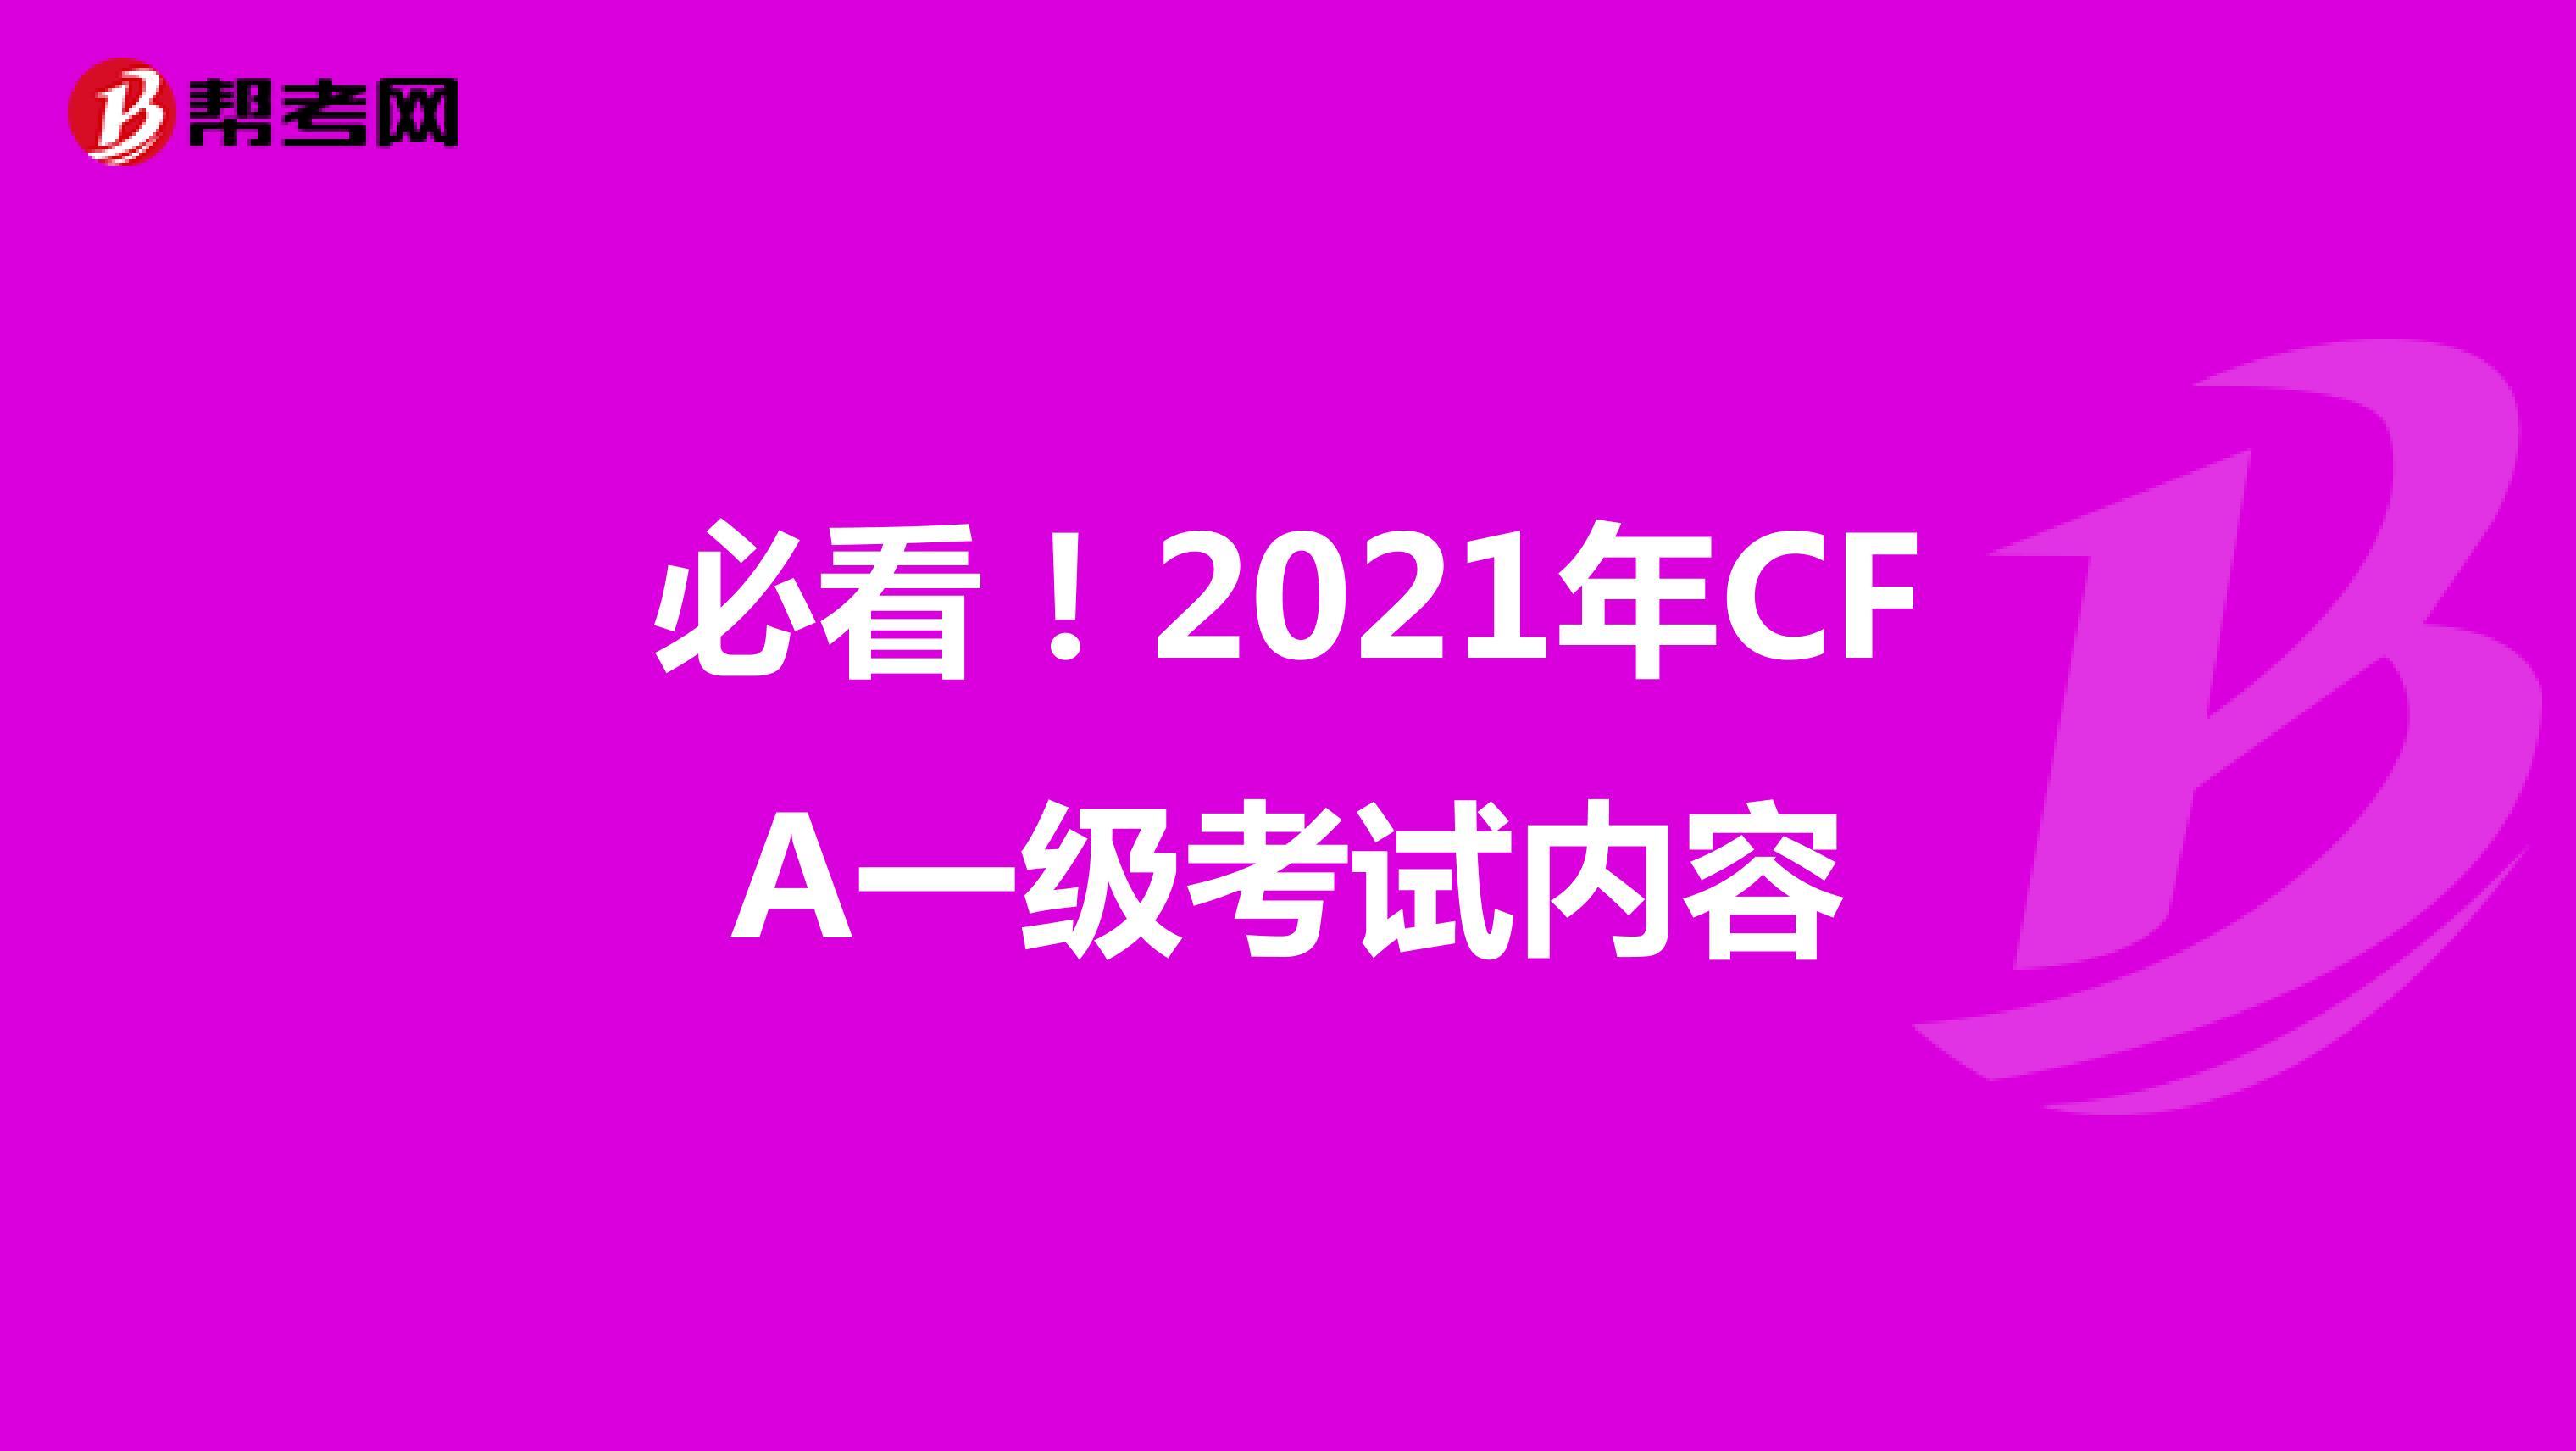 必看!2021年CFA一级考试内容